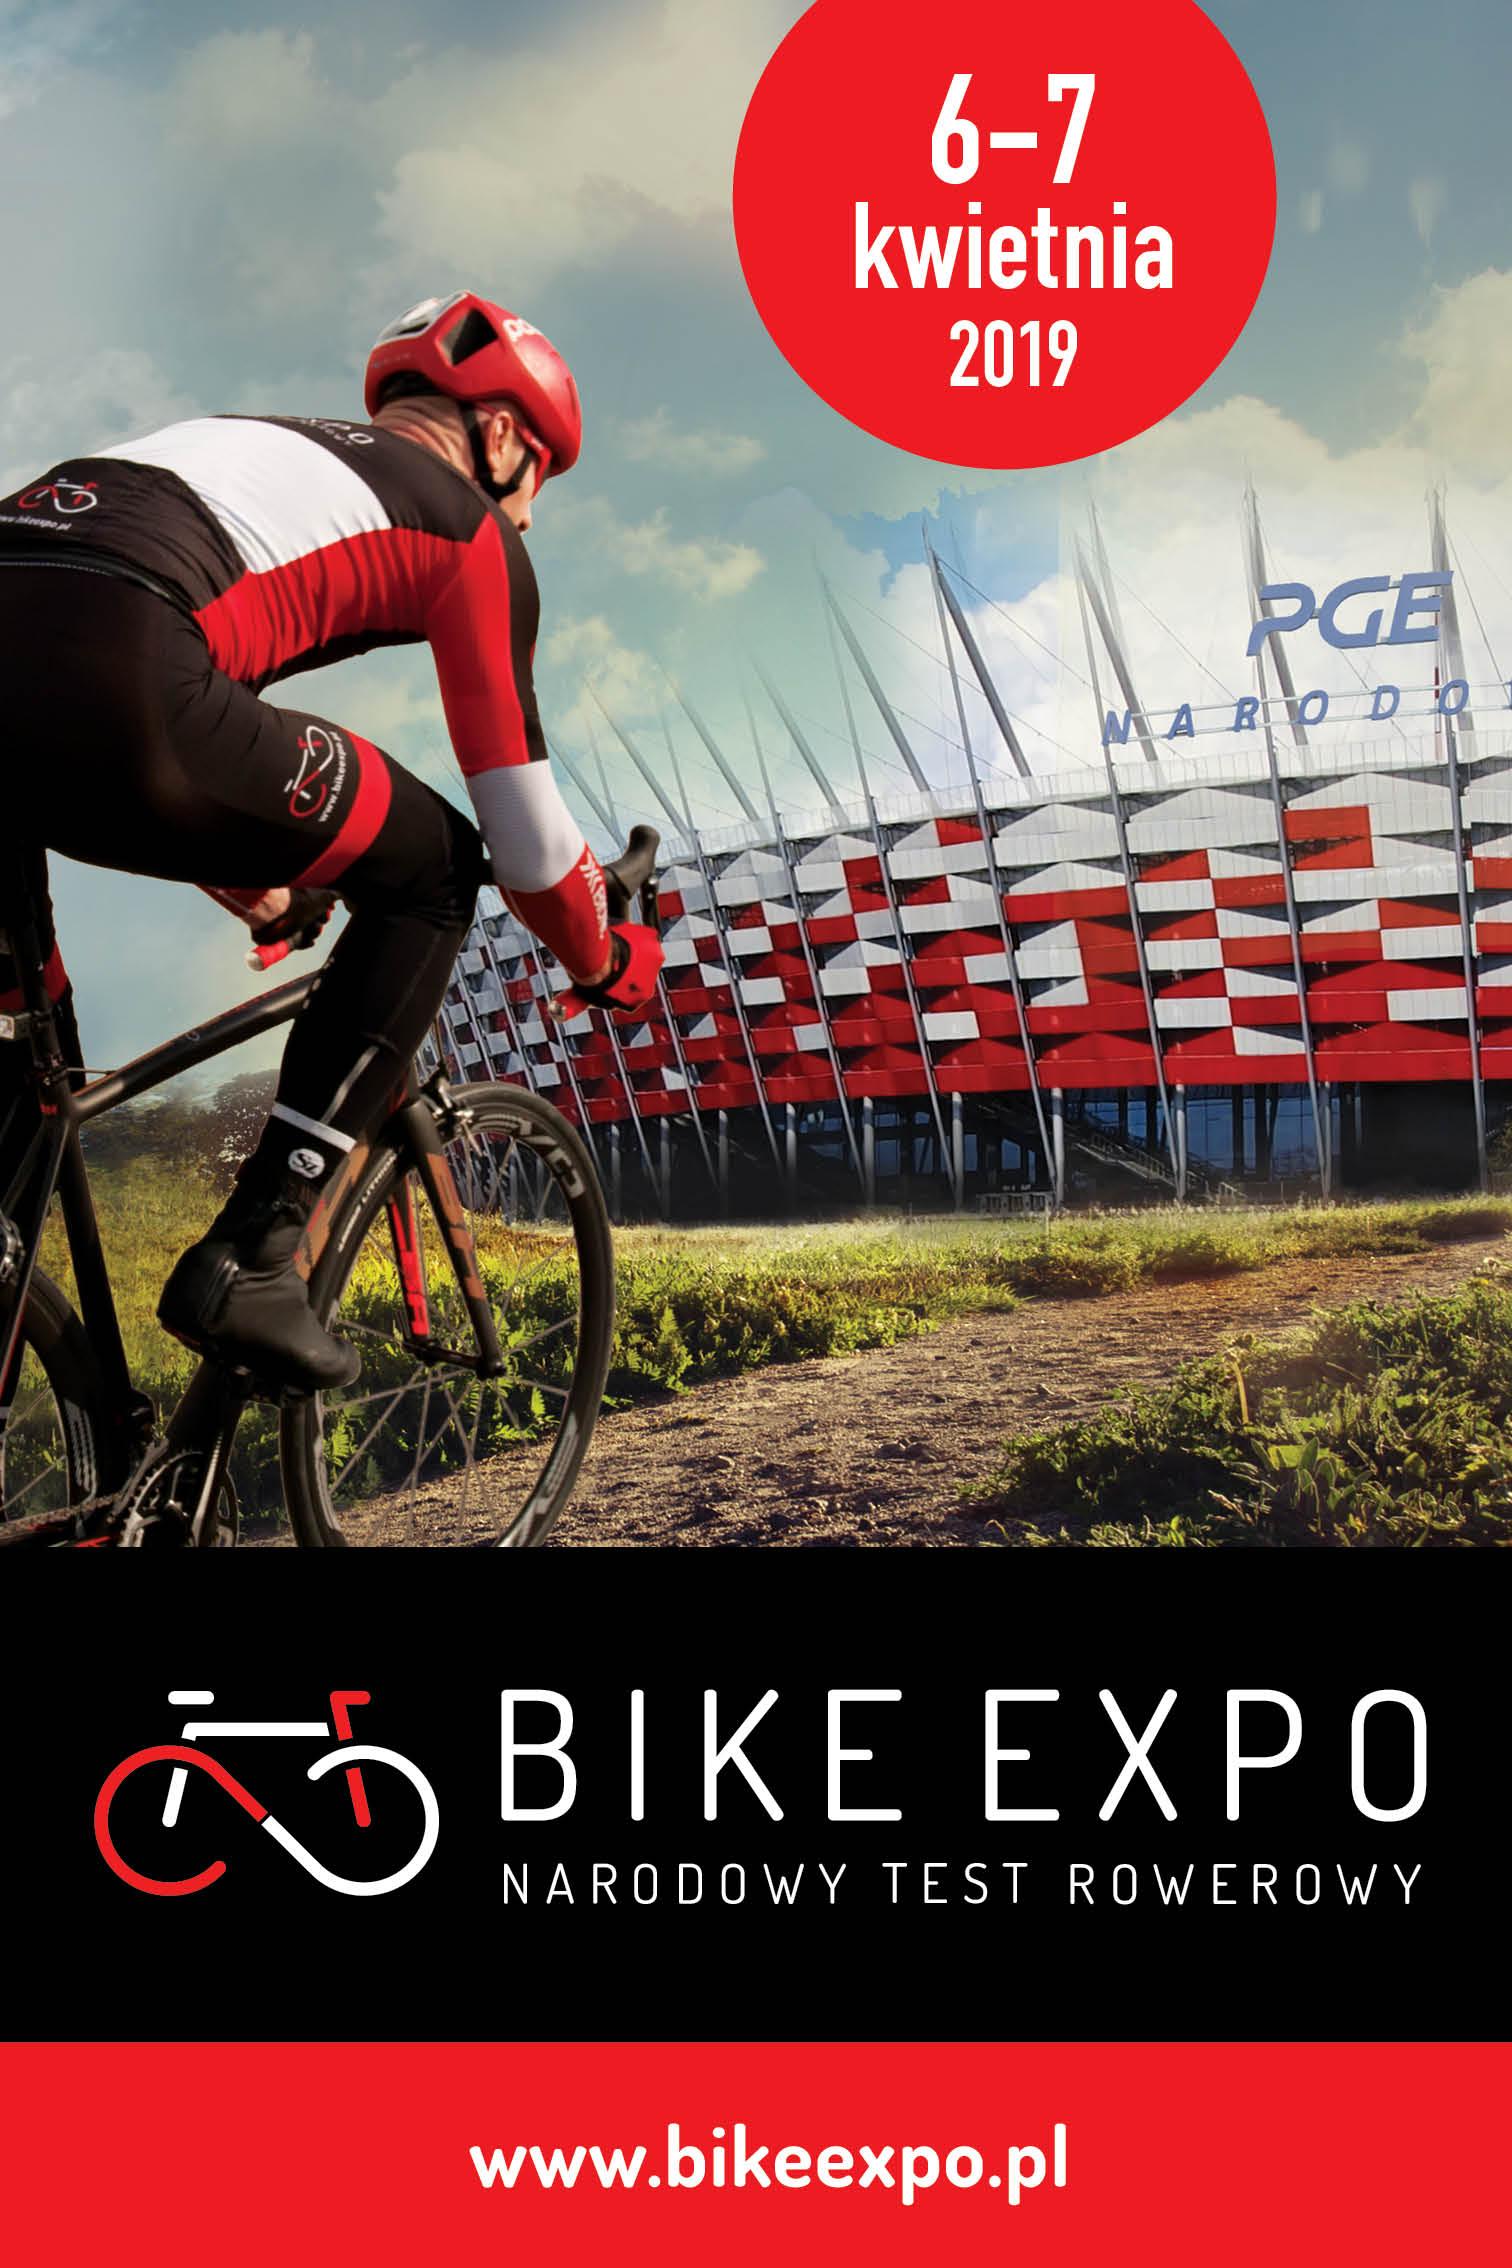 BIKE EXPO – Narodowy Test Rowerowy